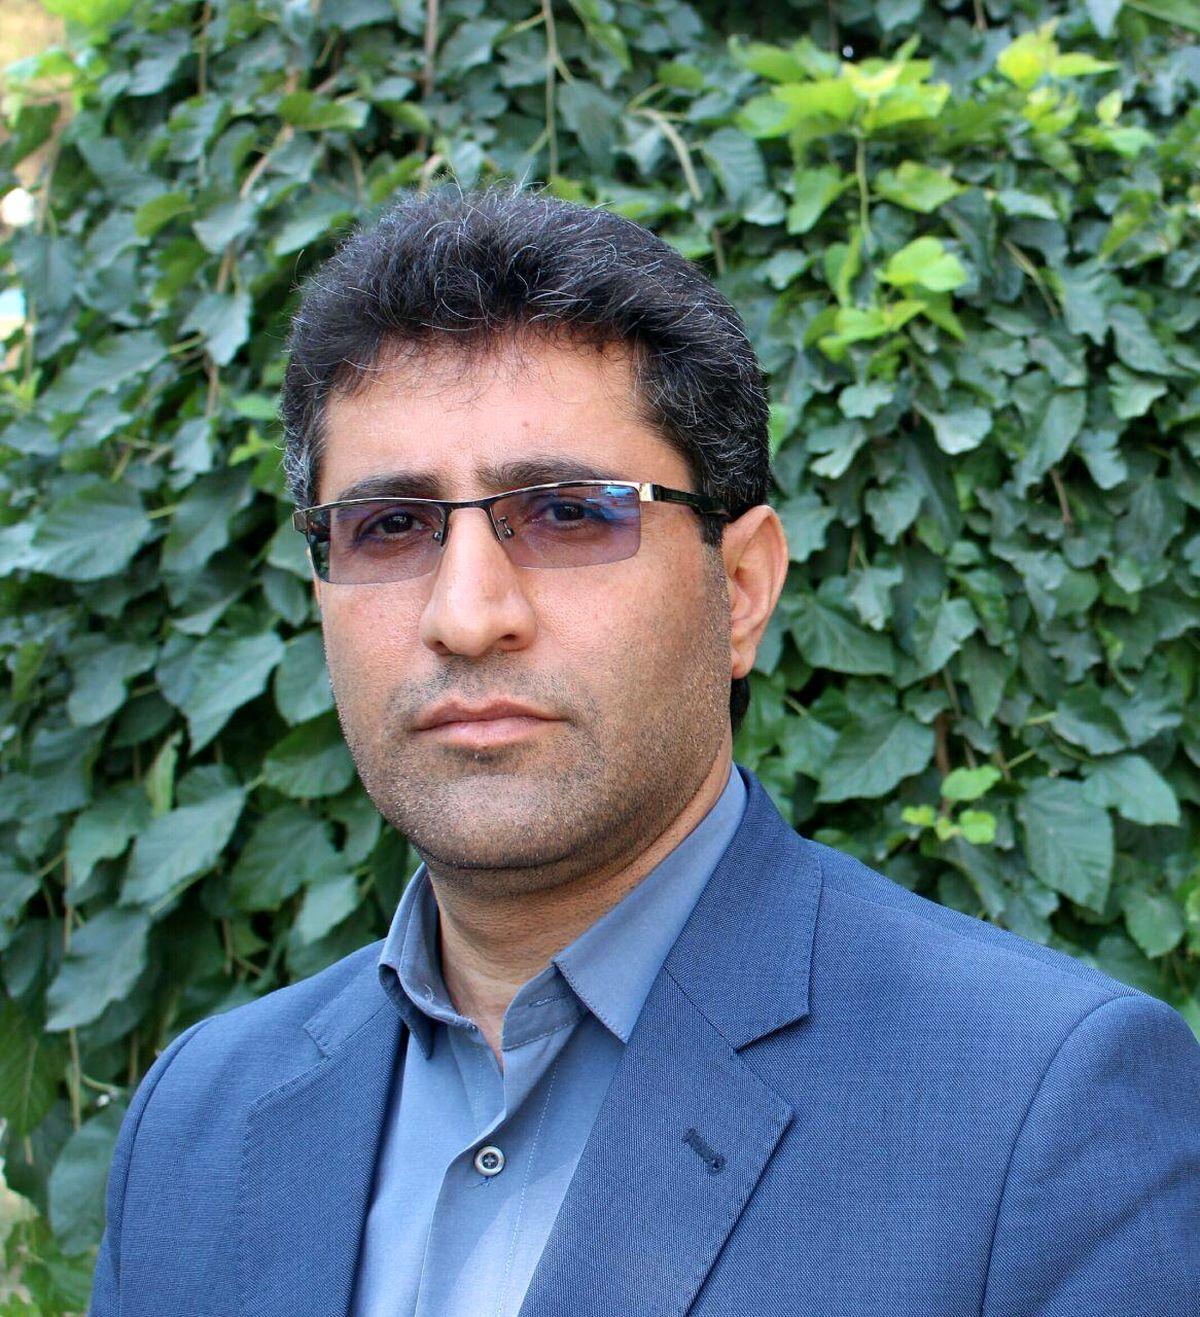  سمپاشی بیش از ۳۳ هزار هکتار از علف های هرز  مزارع گندم وجو در شهرستان کرمانشاه